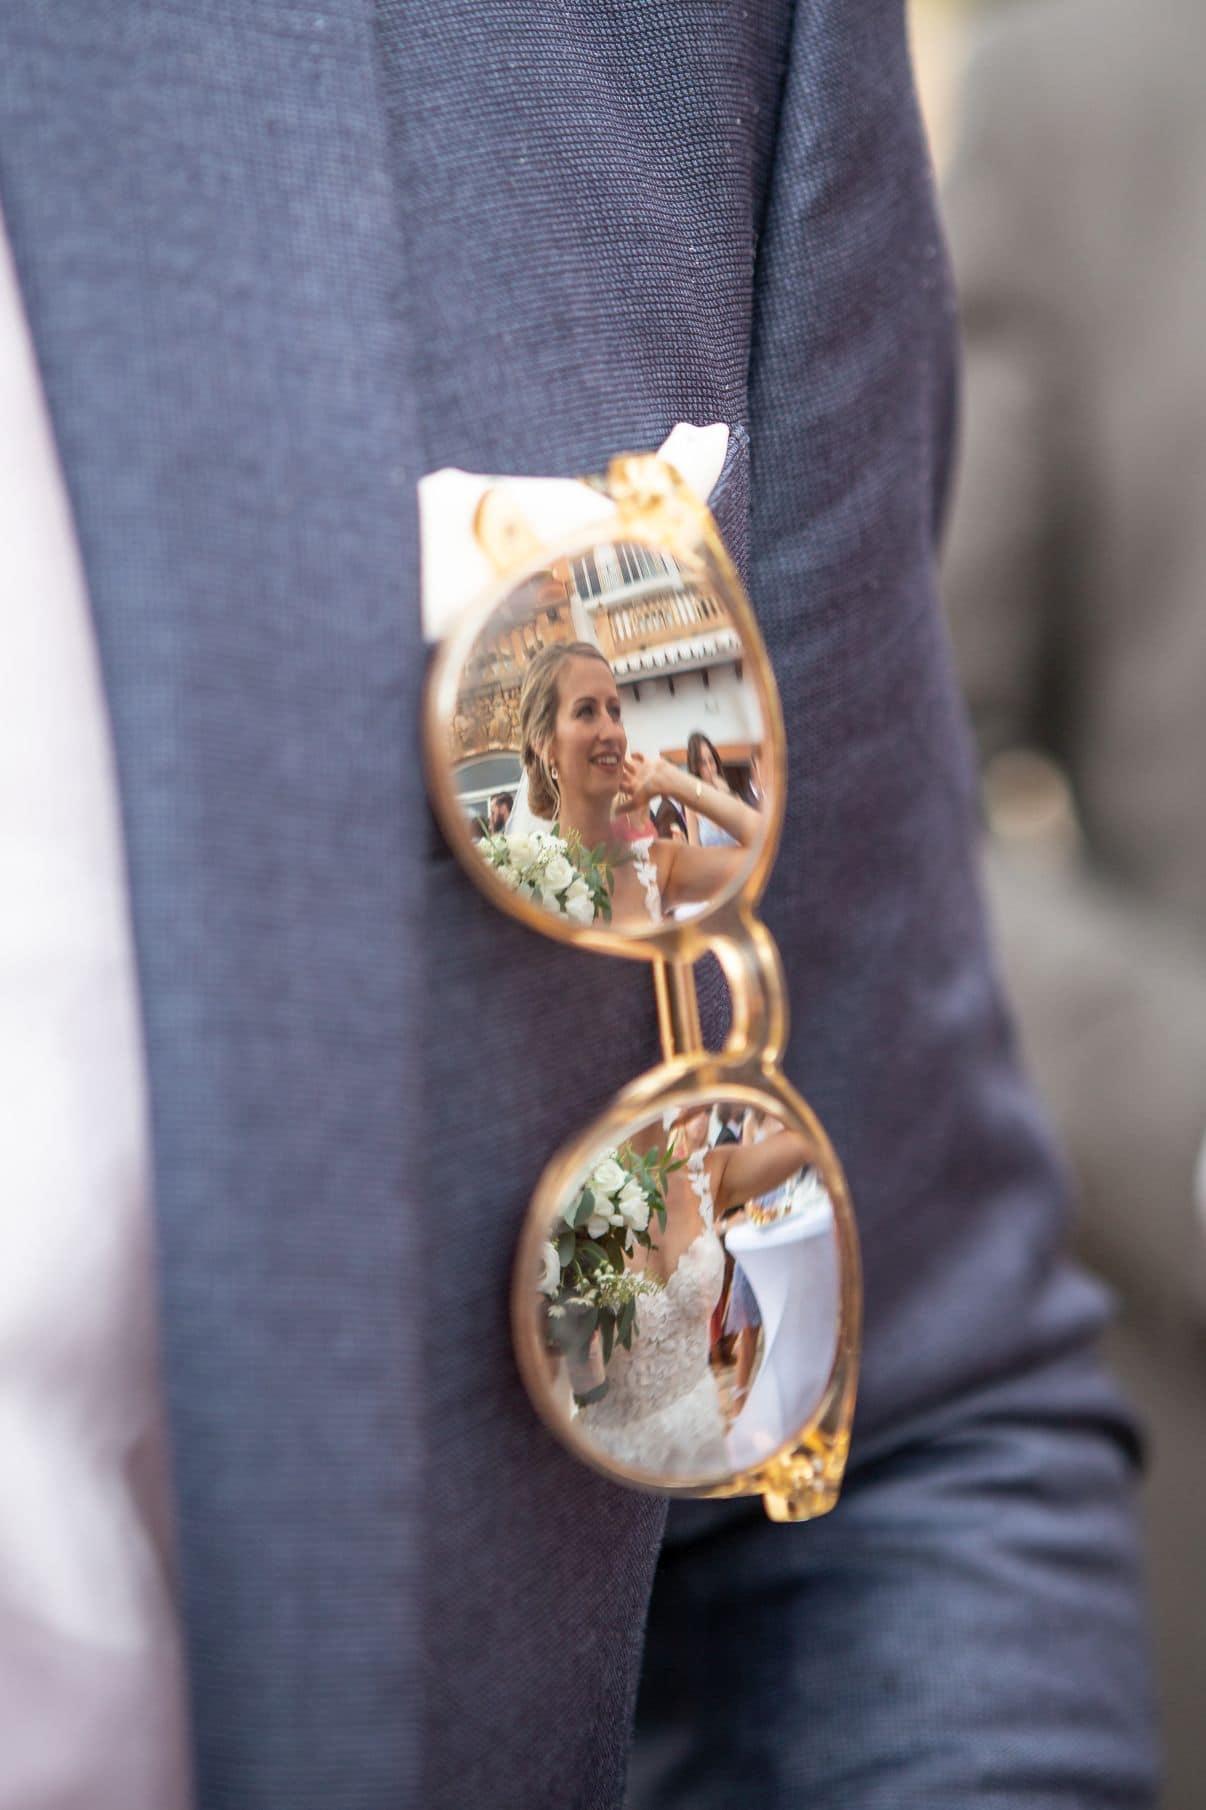 Million Memories_S&J_Hochzeitsfotograf_Mallorca_Spain_Wedding_Spanien Hochzeit_Balearen_Balearic islands_094